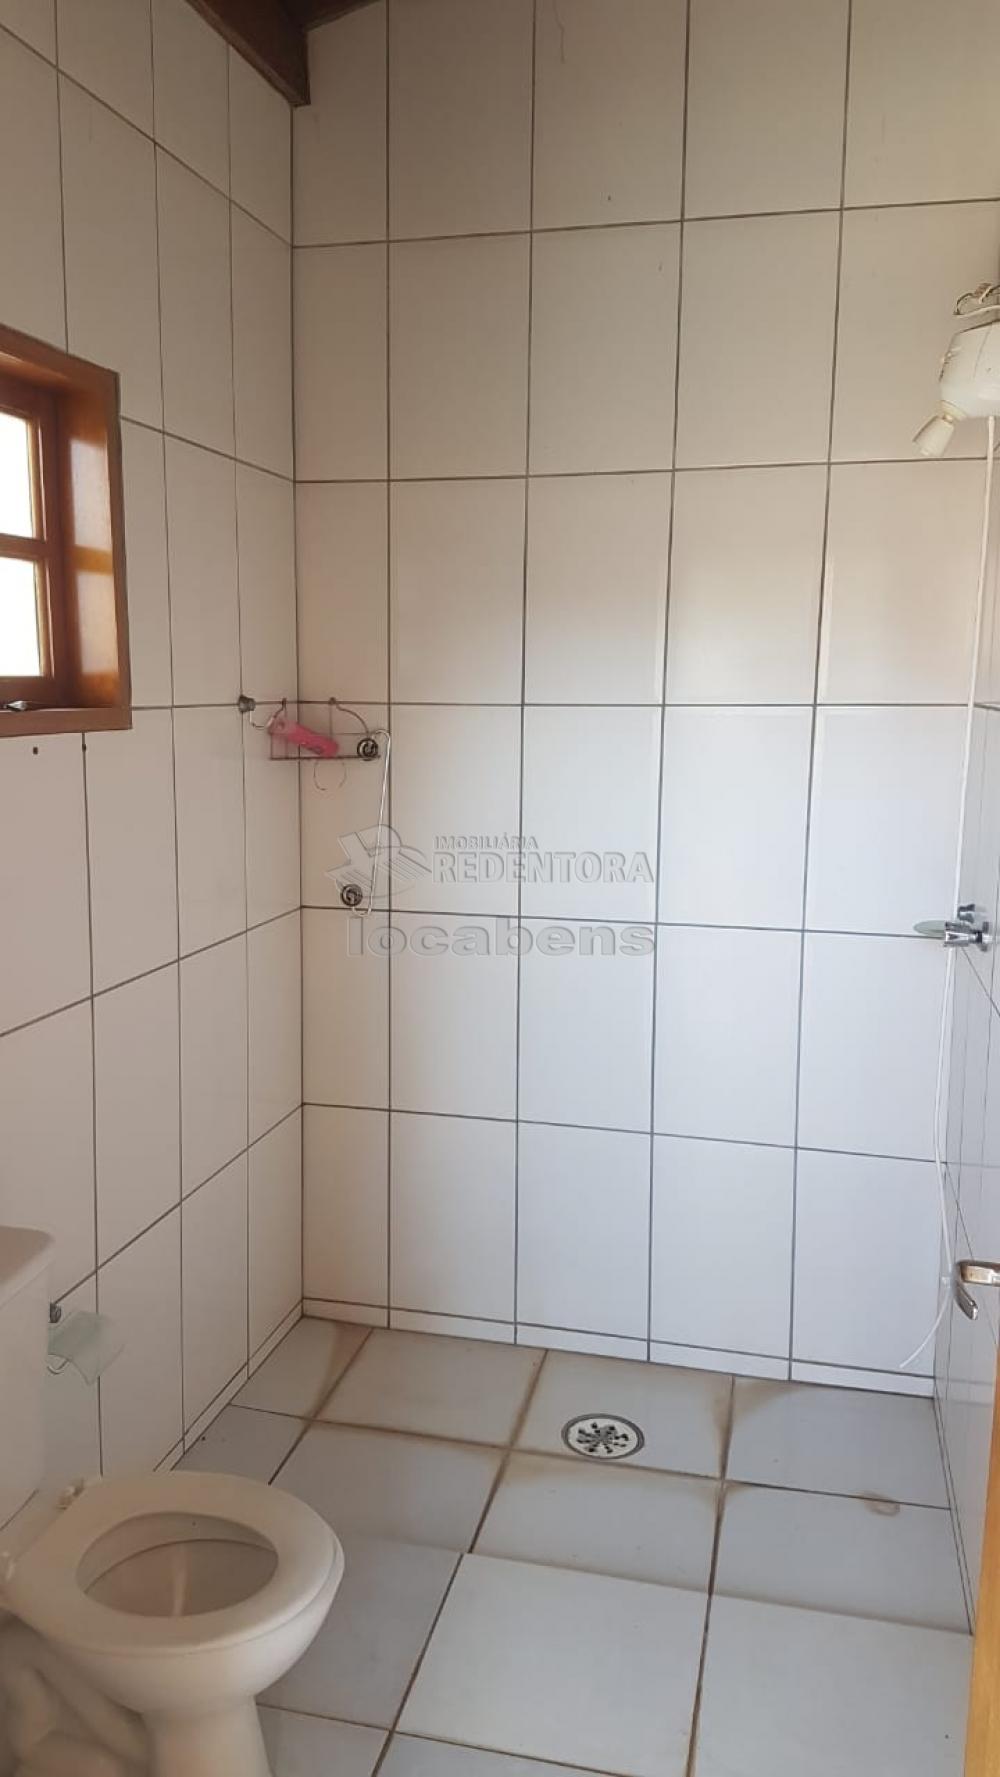 Alugar Casa / Padrão em São José do Rio Preto apenas R$ 2.000,00 - Foto 15